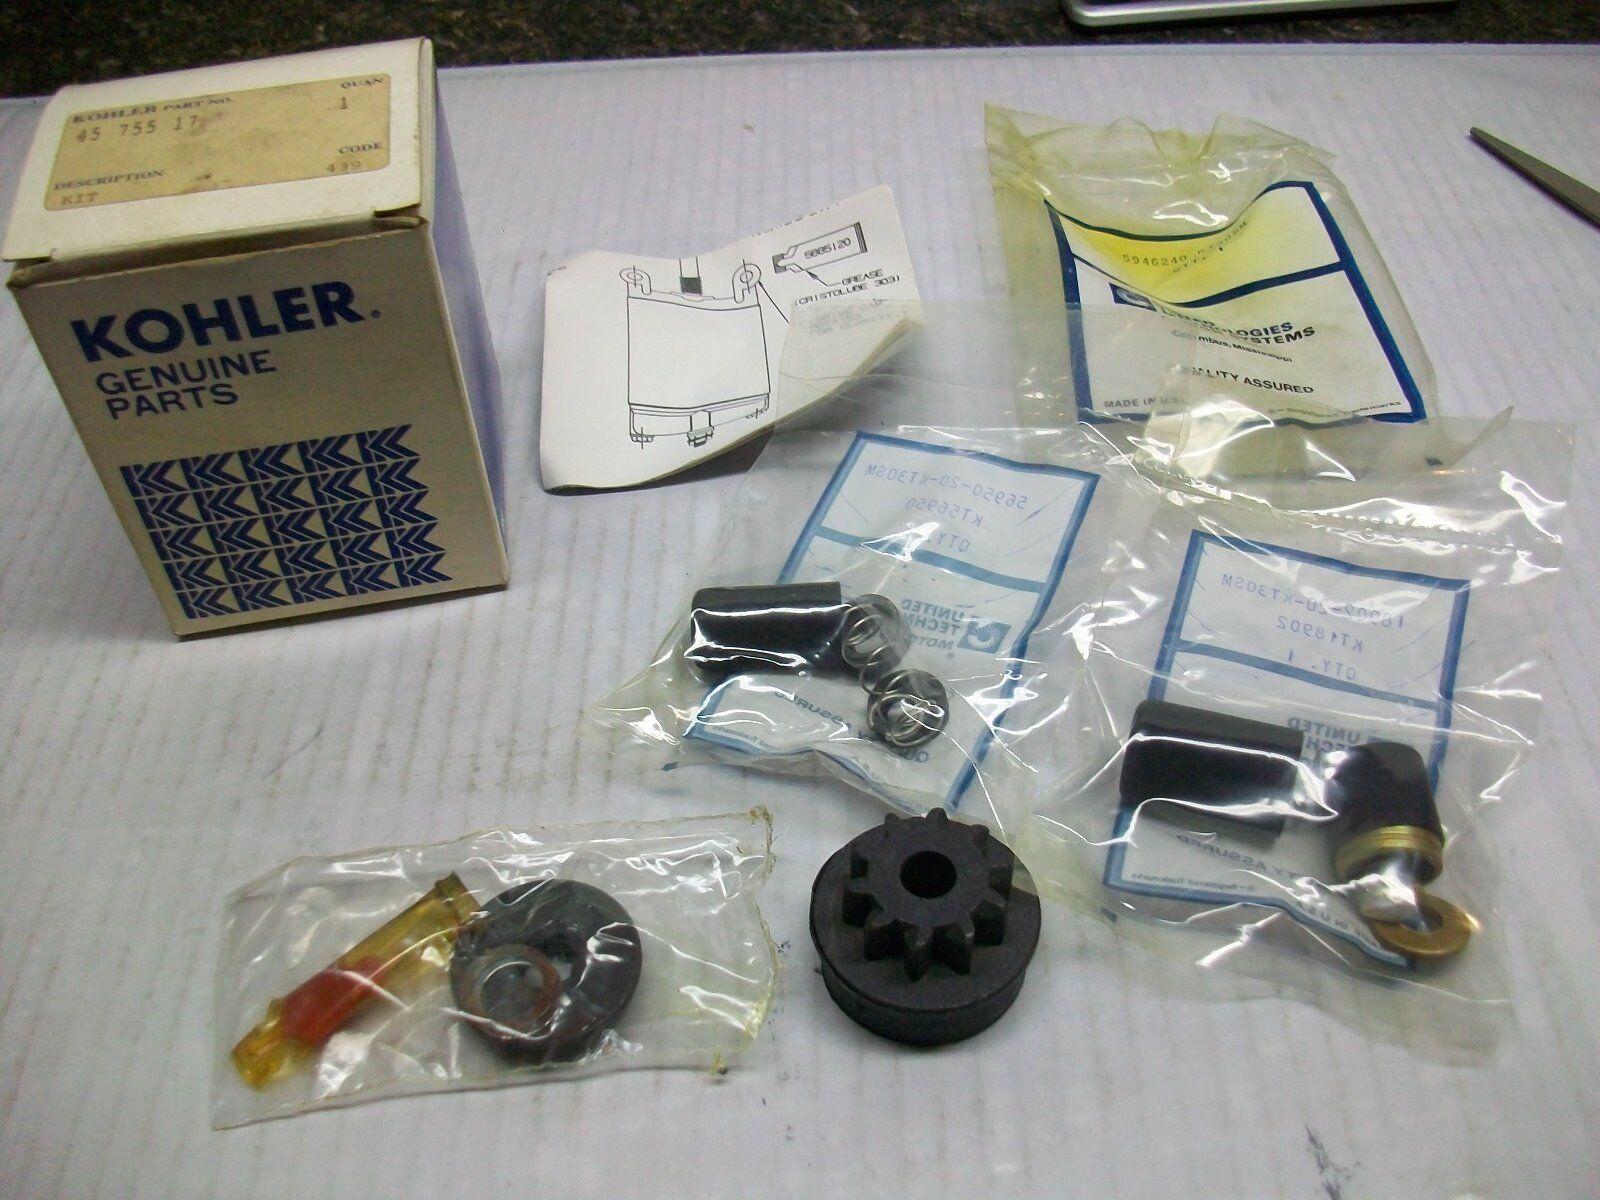 Nueva Unidad De Arranque Kohler Kit   45 755 17